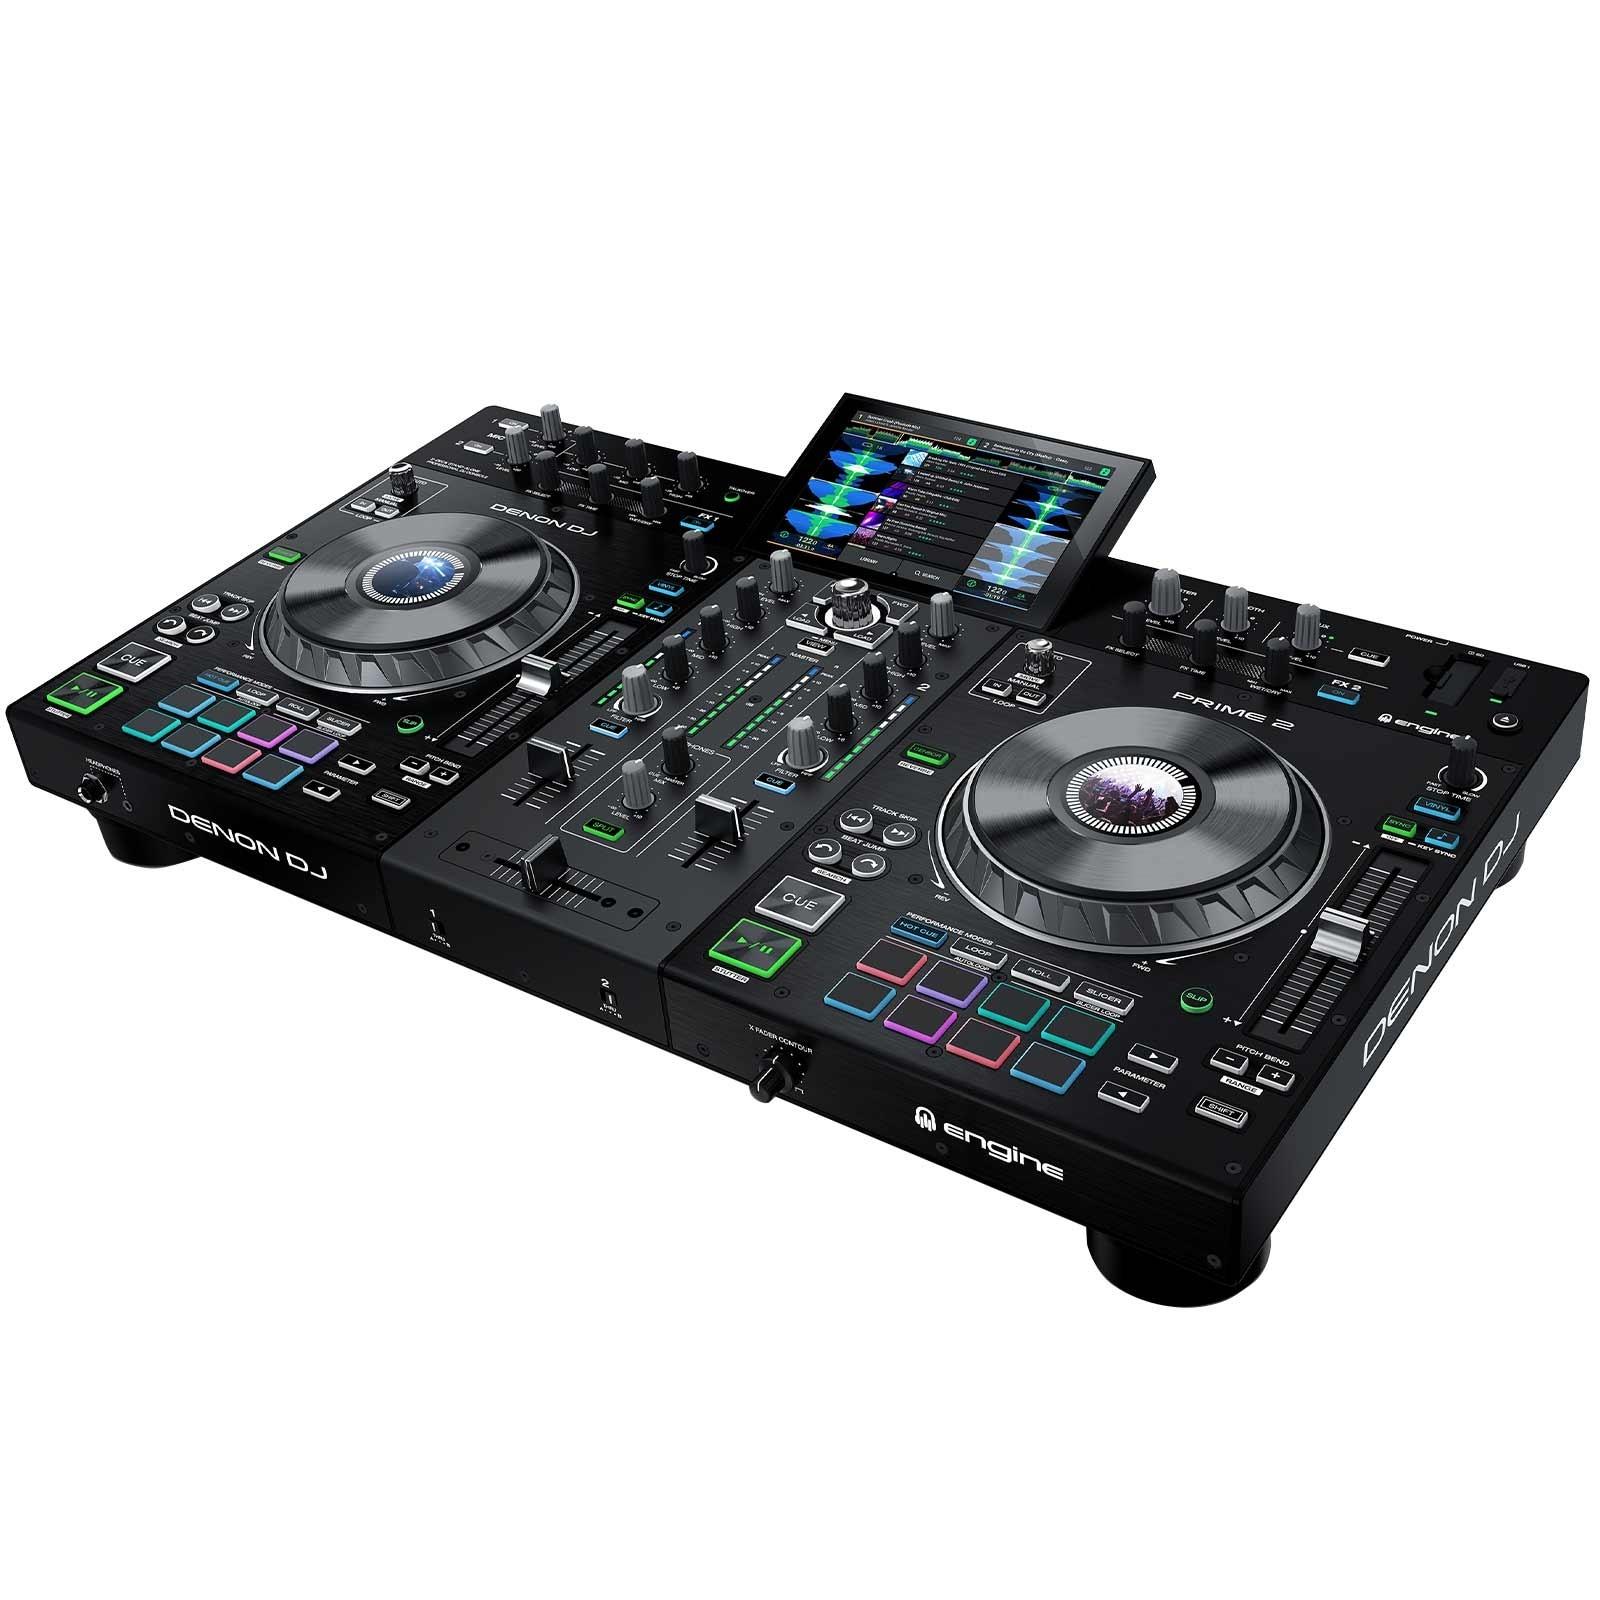 denon-dj-prime-2-2-deck-smart-dj-console-with-7-inch-touchscreen-9ff